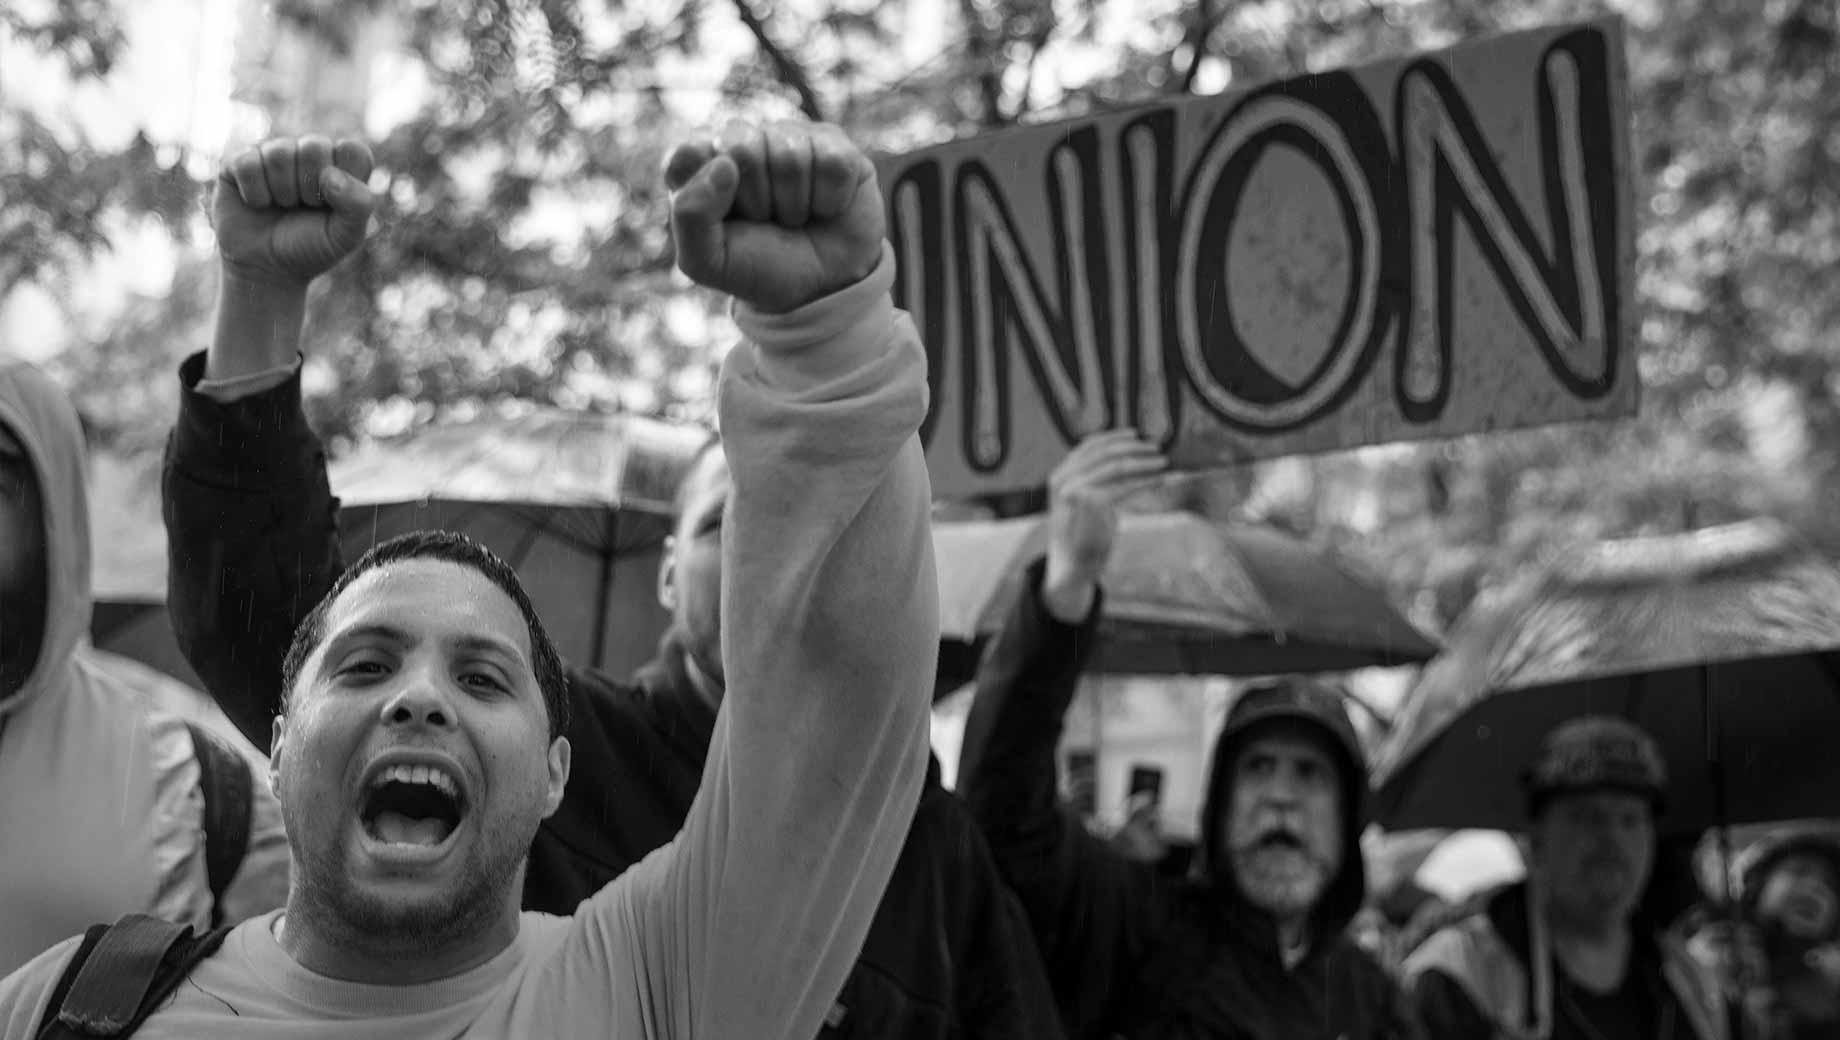 اتحاد العمال: ما ماهيته وما هي أهدافه؟ - منظمة تمثل المصالح الجماعية للموظفين - التفاوض مع أرباب العمل بخصوص الأجور والساعات